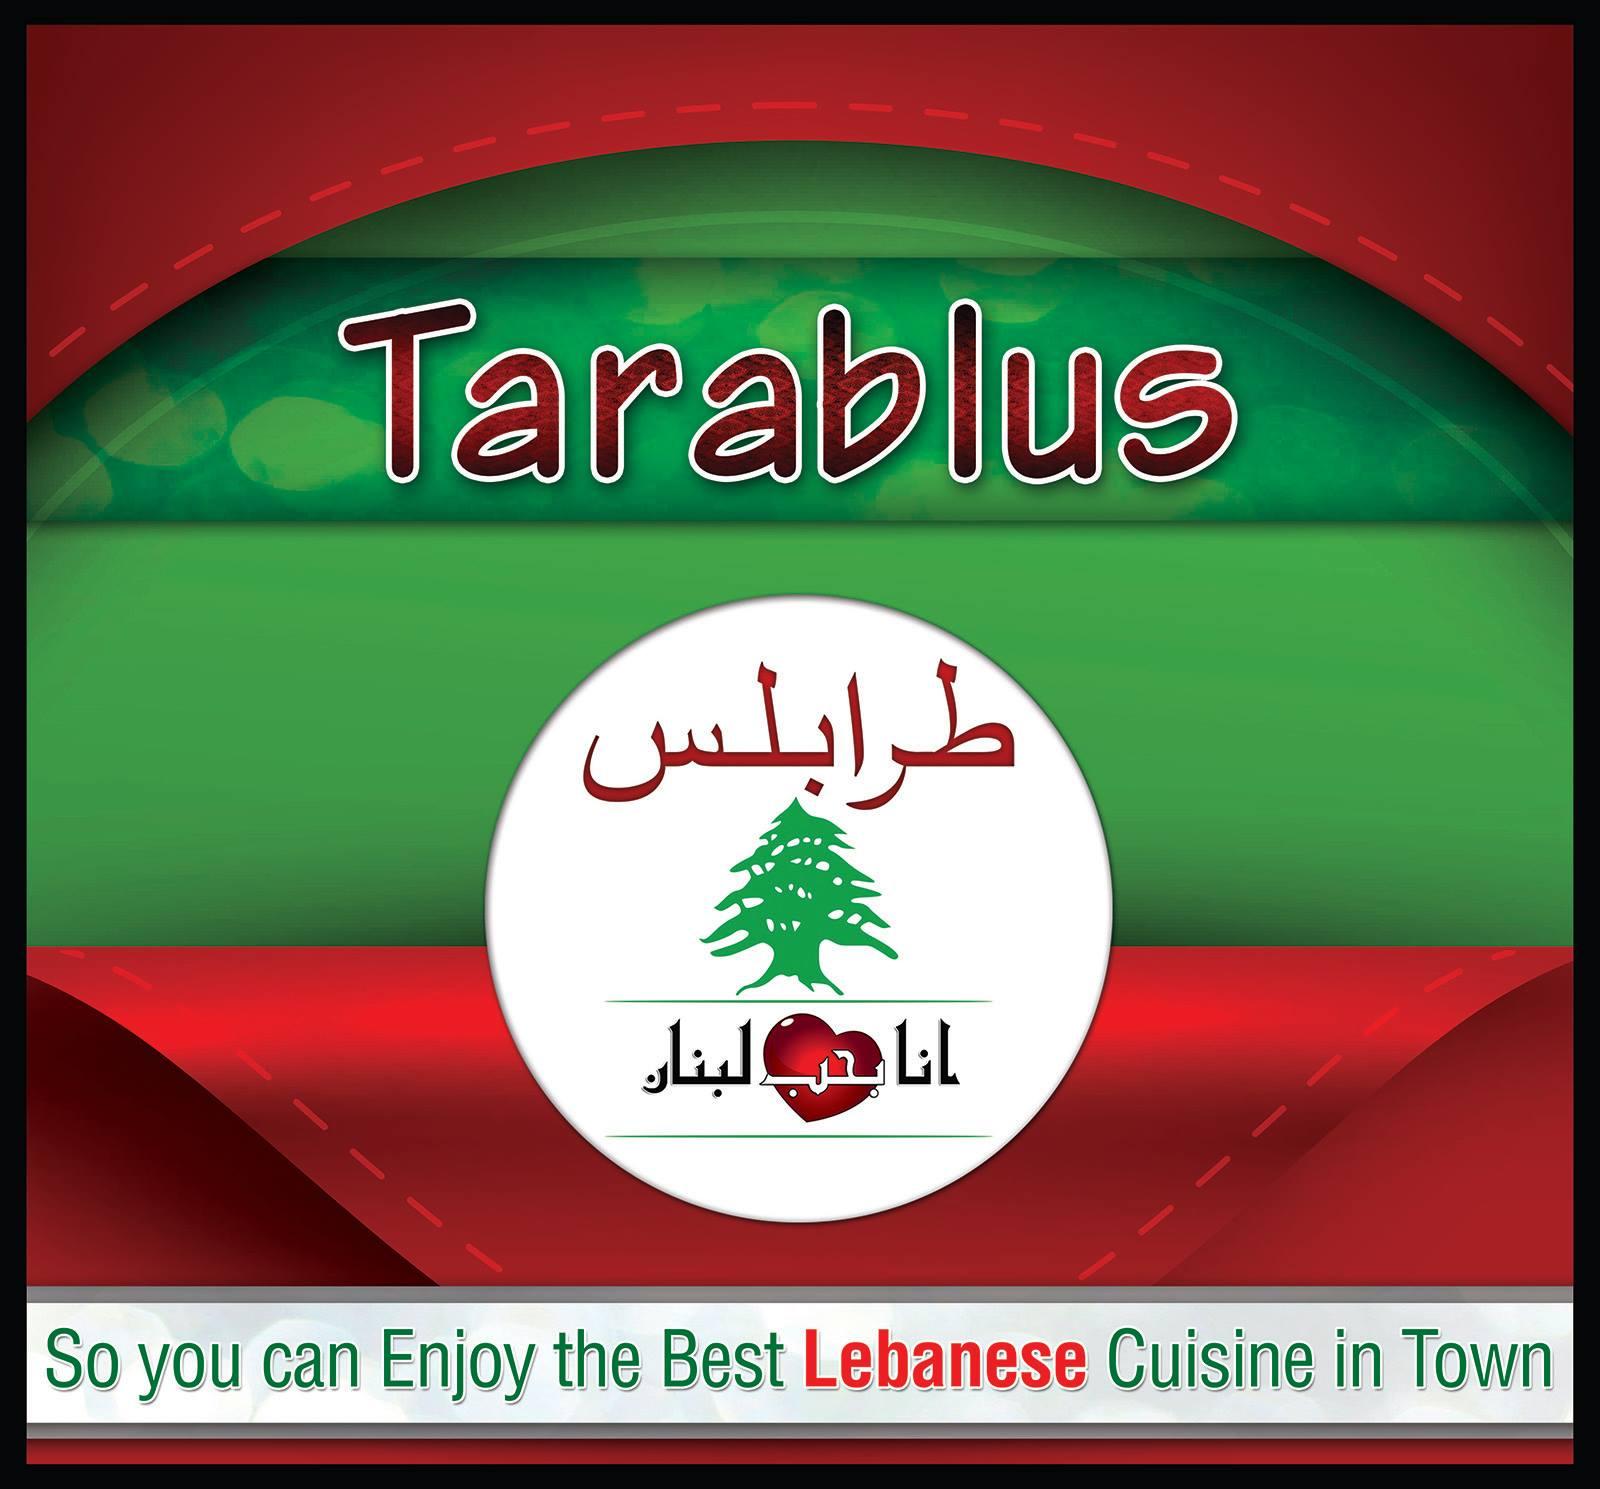 Tarablus Lebanese